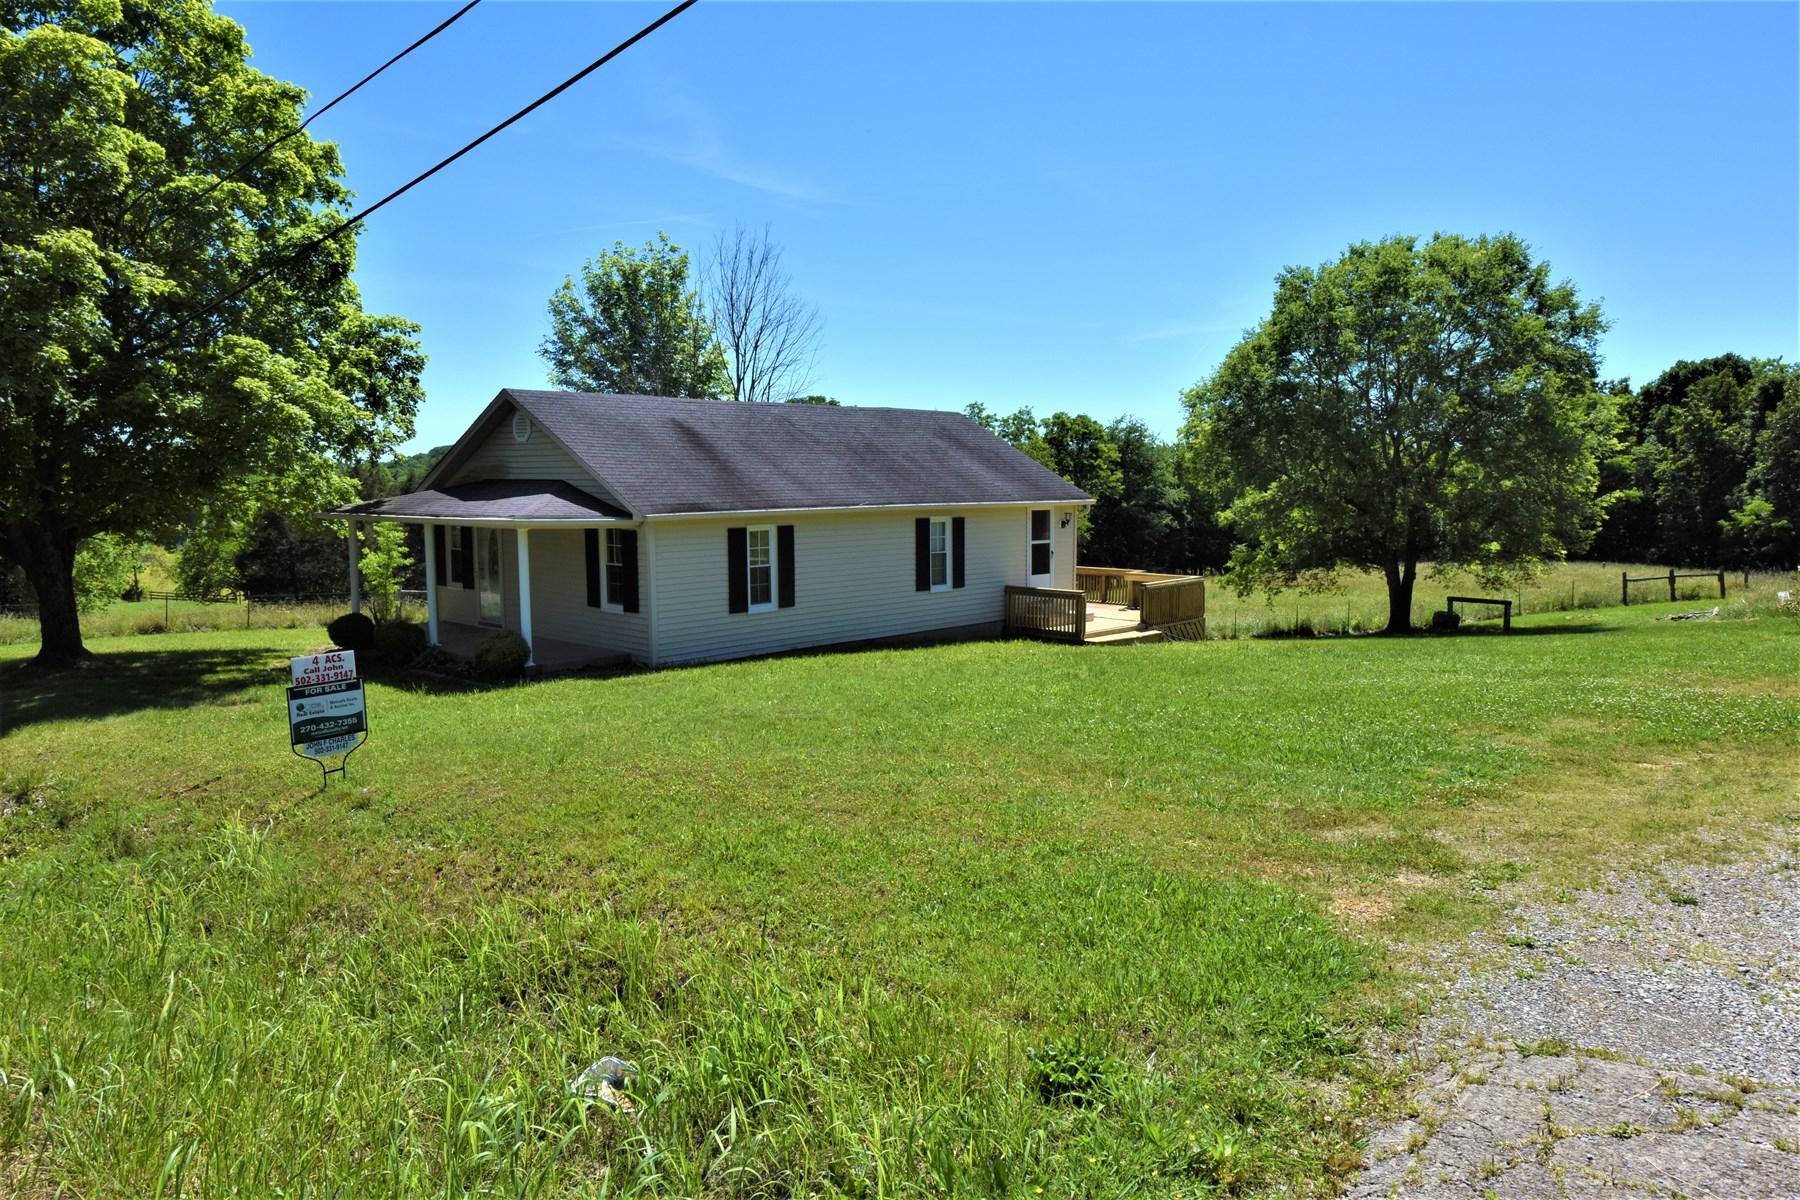 Little House, Mini-Farm, Fencing, Hardwood Floors, Pond